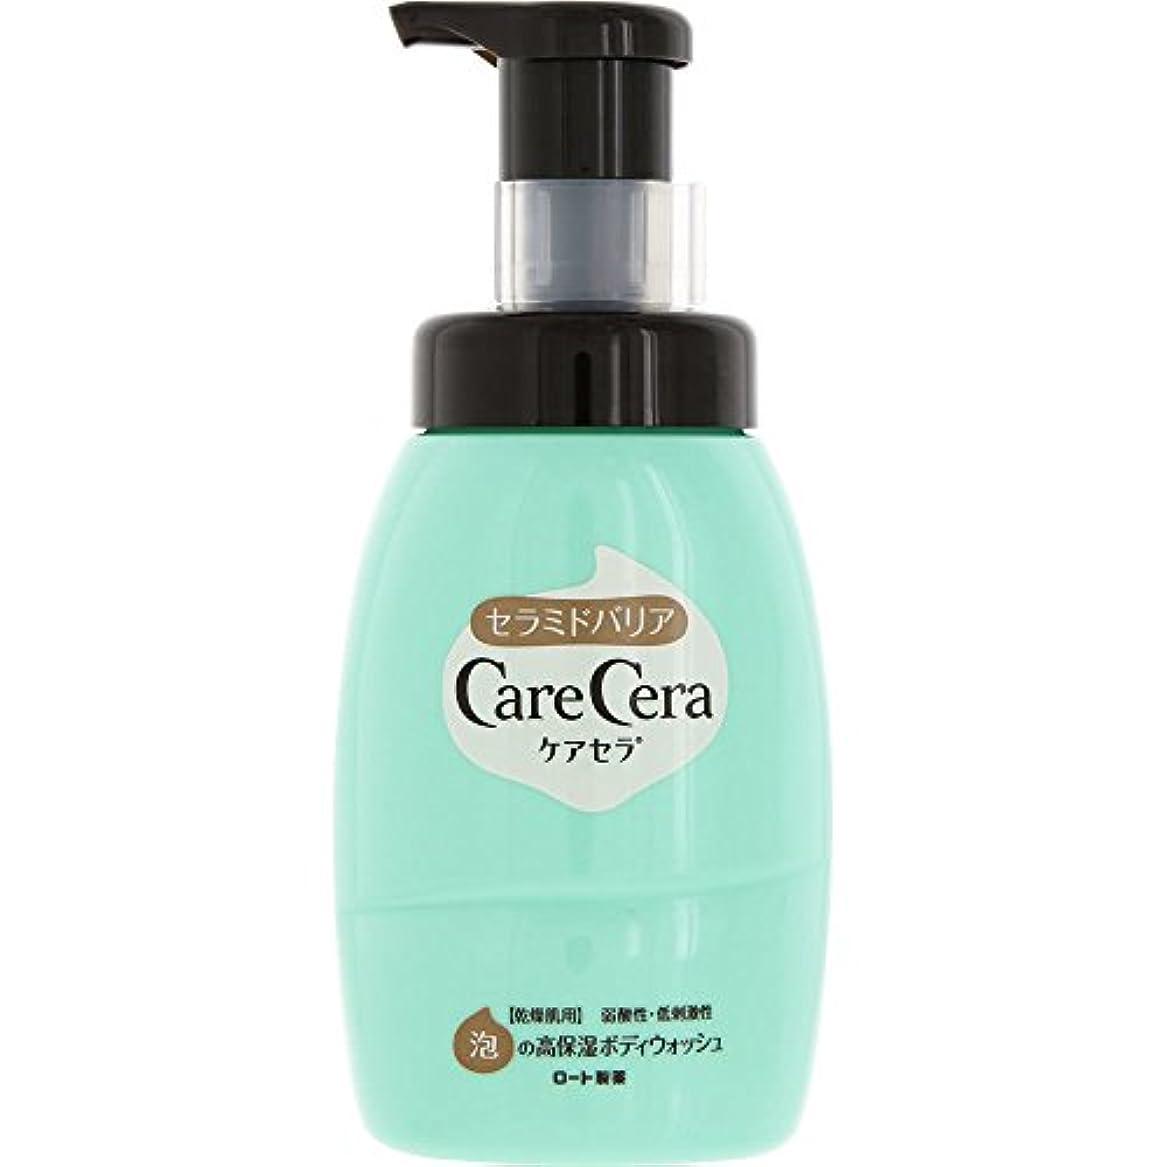 霧レバー囲むケアセラ(CareCera) ロート製薬 ケアセラ  天然型セラミド7種配合 セラミド濃度10倍泡の高保湿 全身ボディウォッシュ ピュアフローラルの香り お試し企画品 300mL